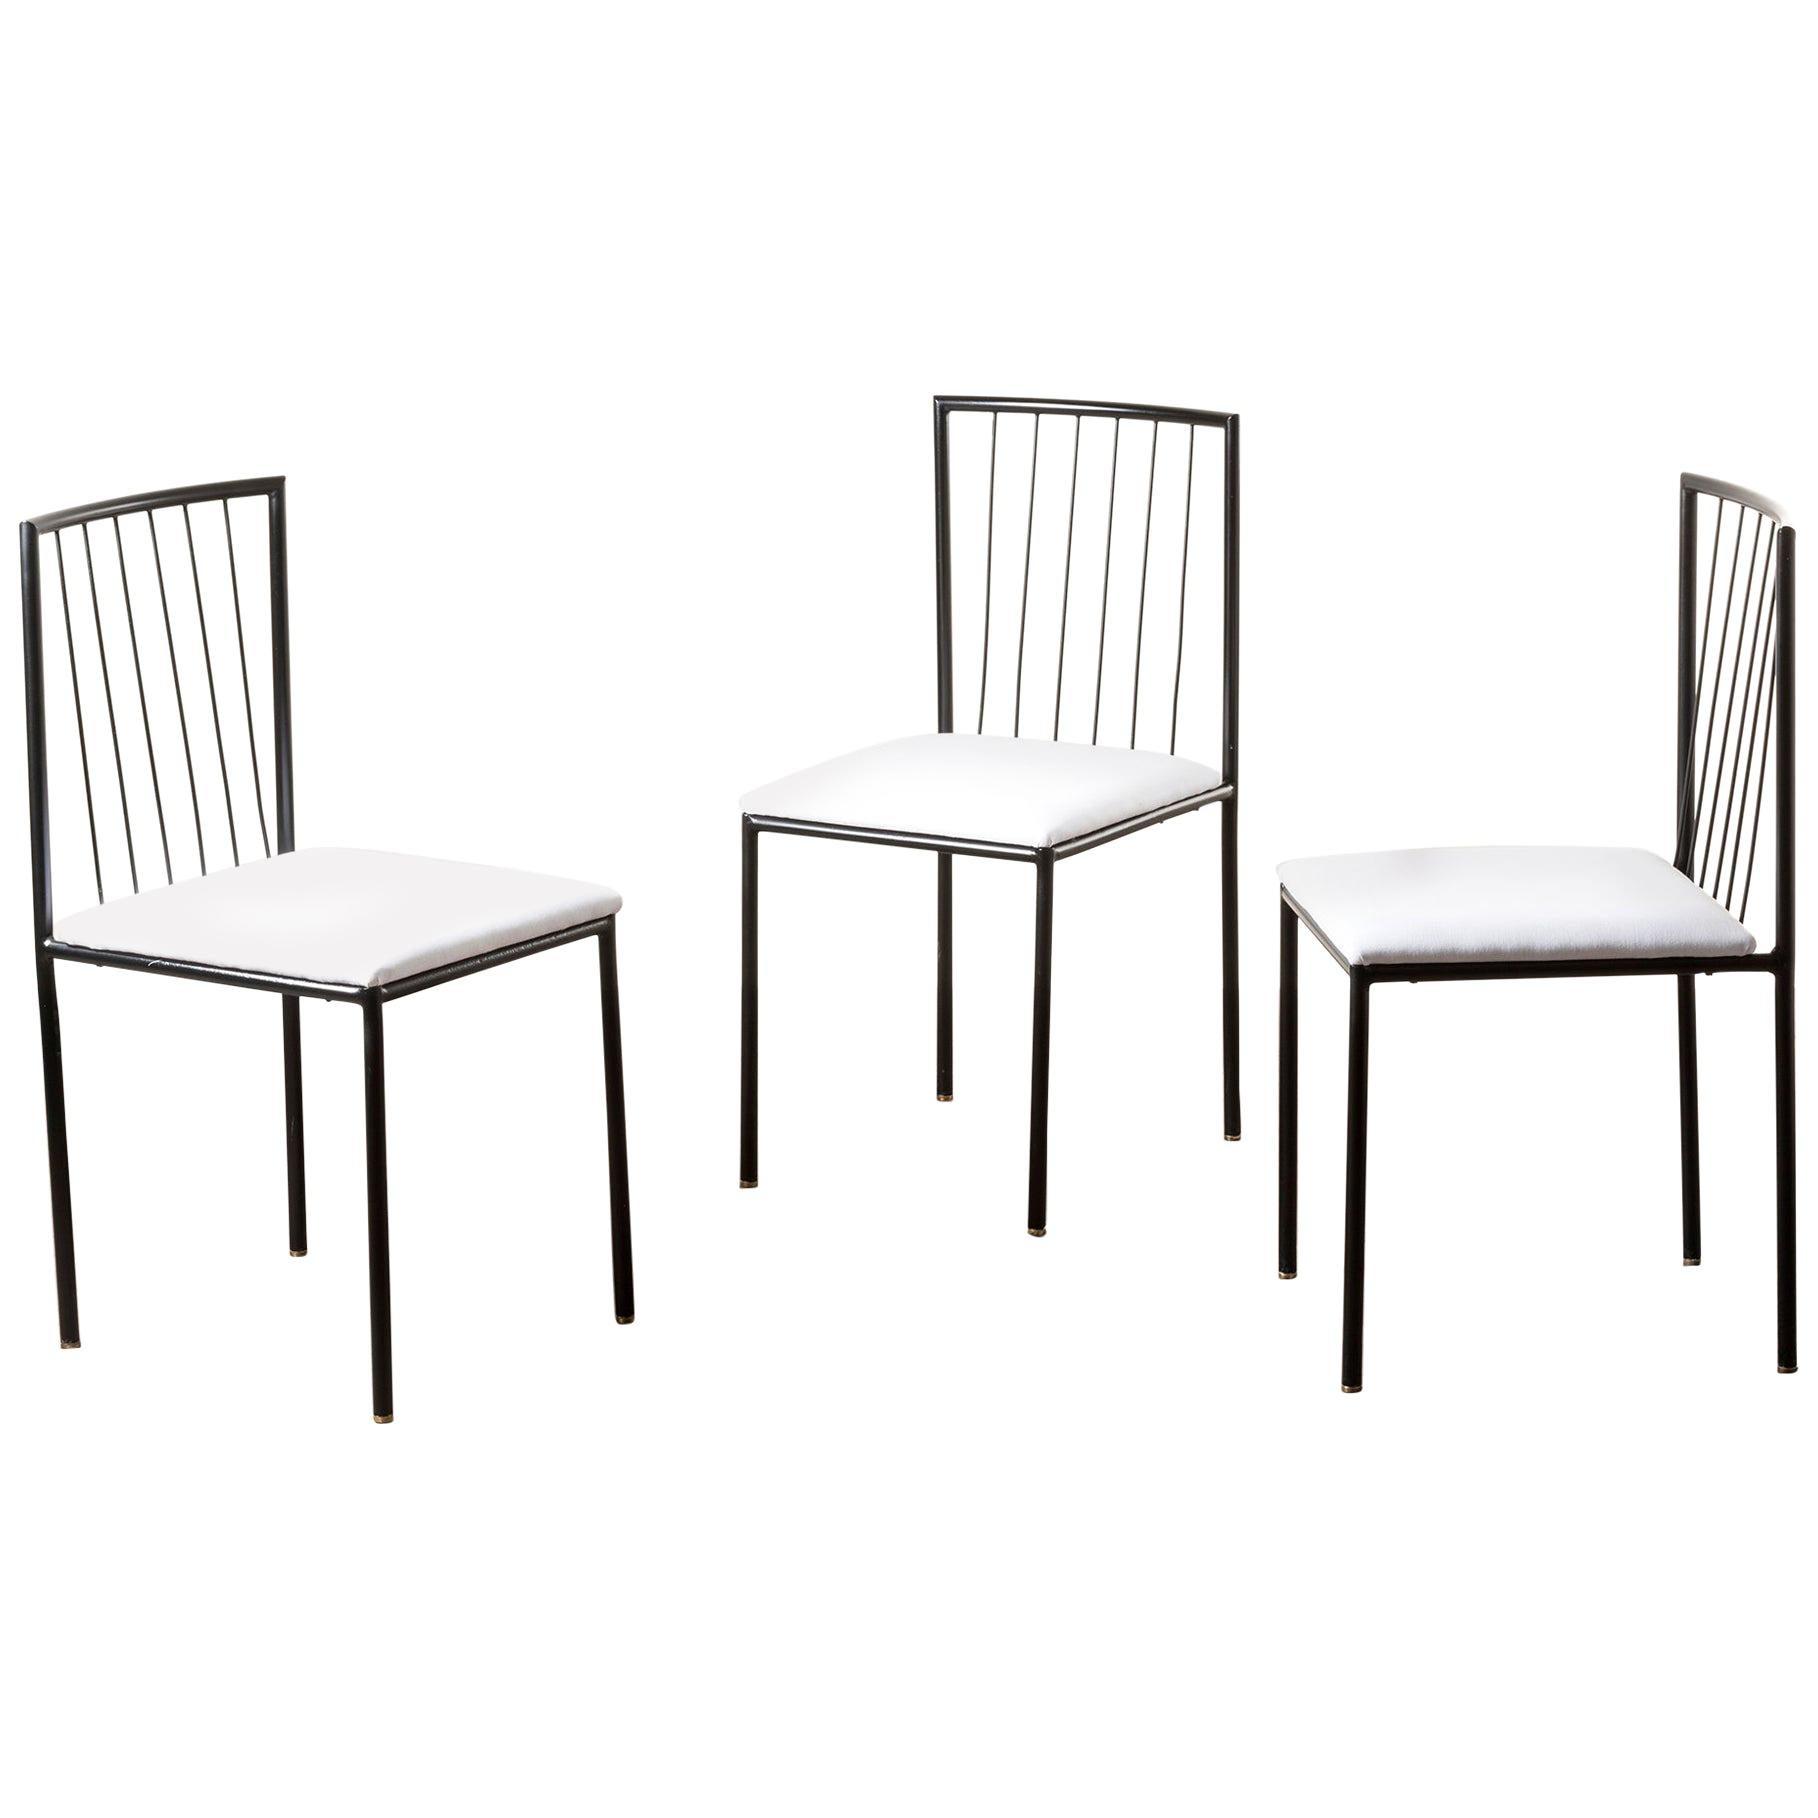 14 Chairs by Geraldo de Barros